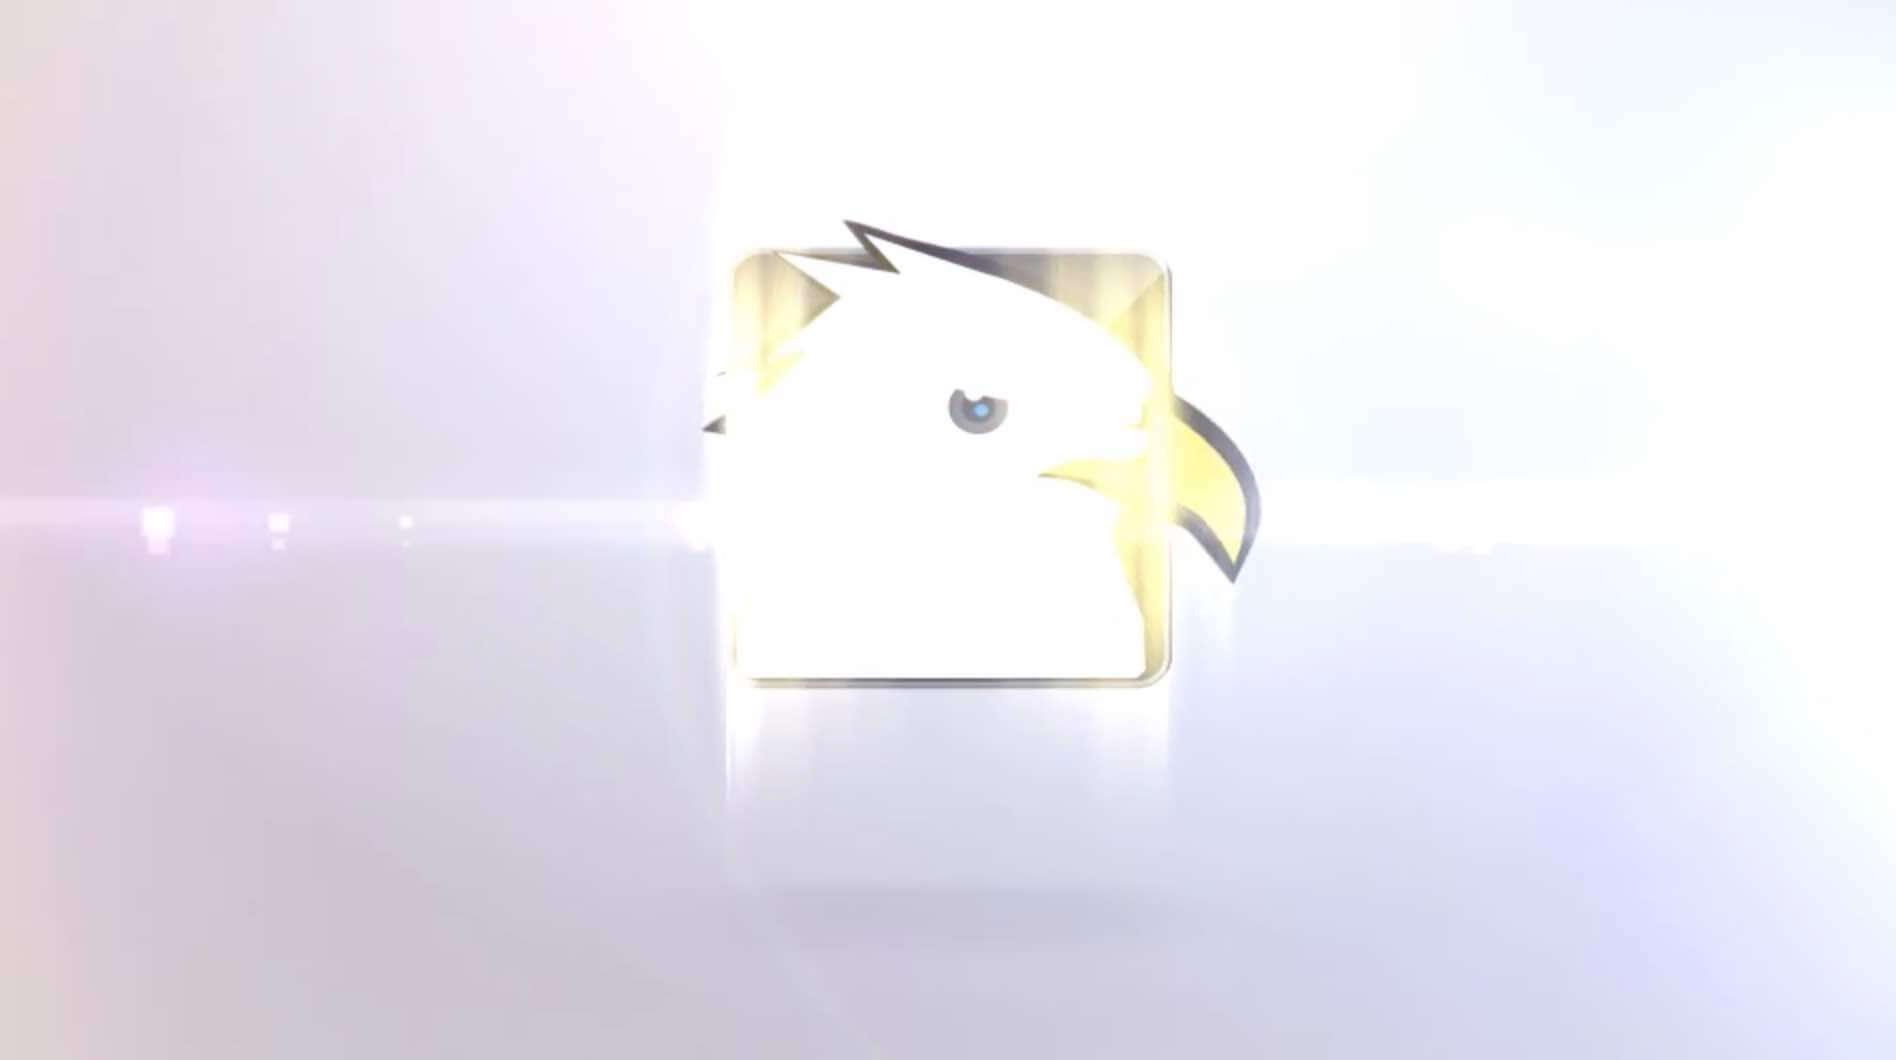 AE模板-优雅的玻璃logo插图1